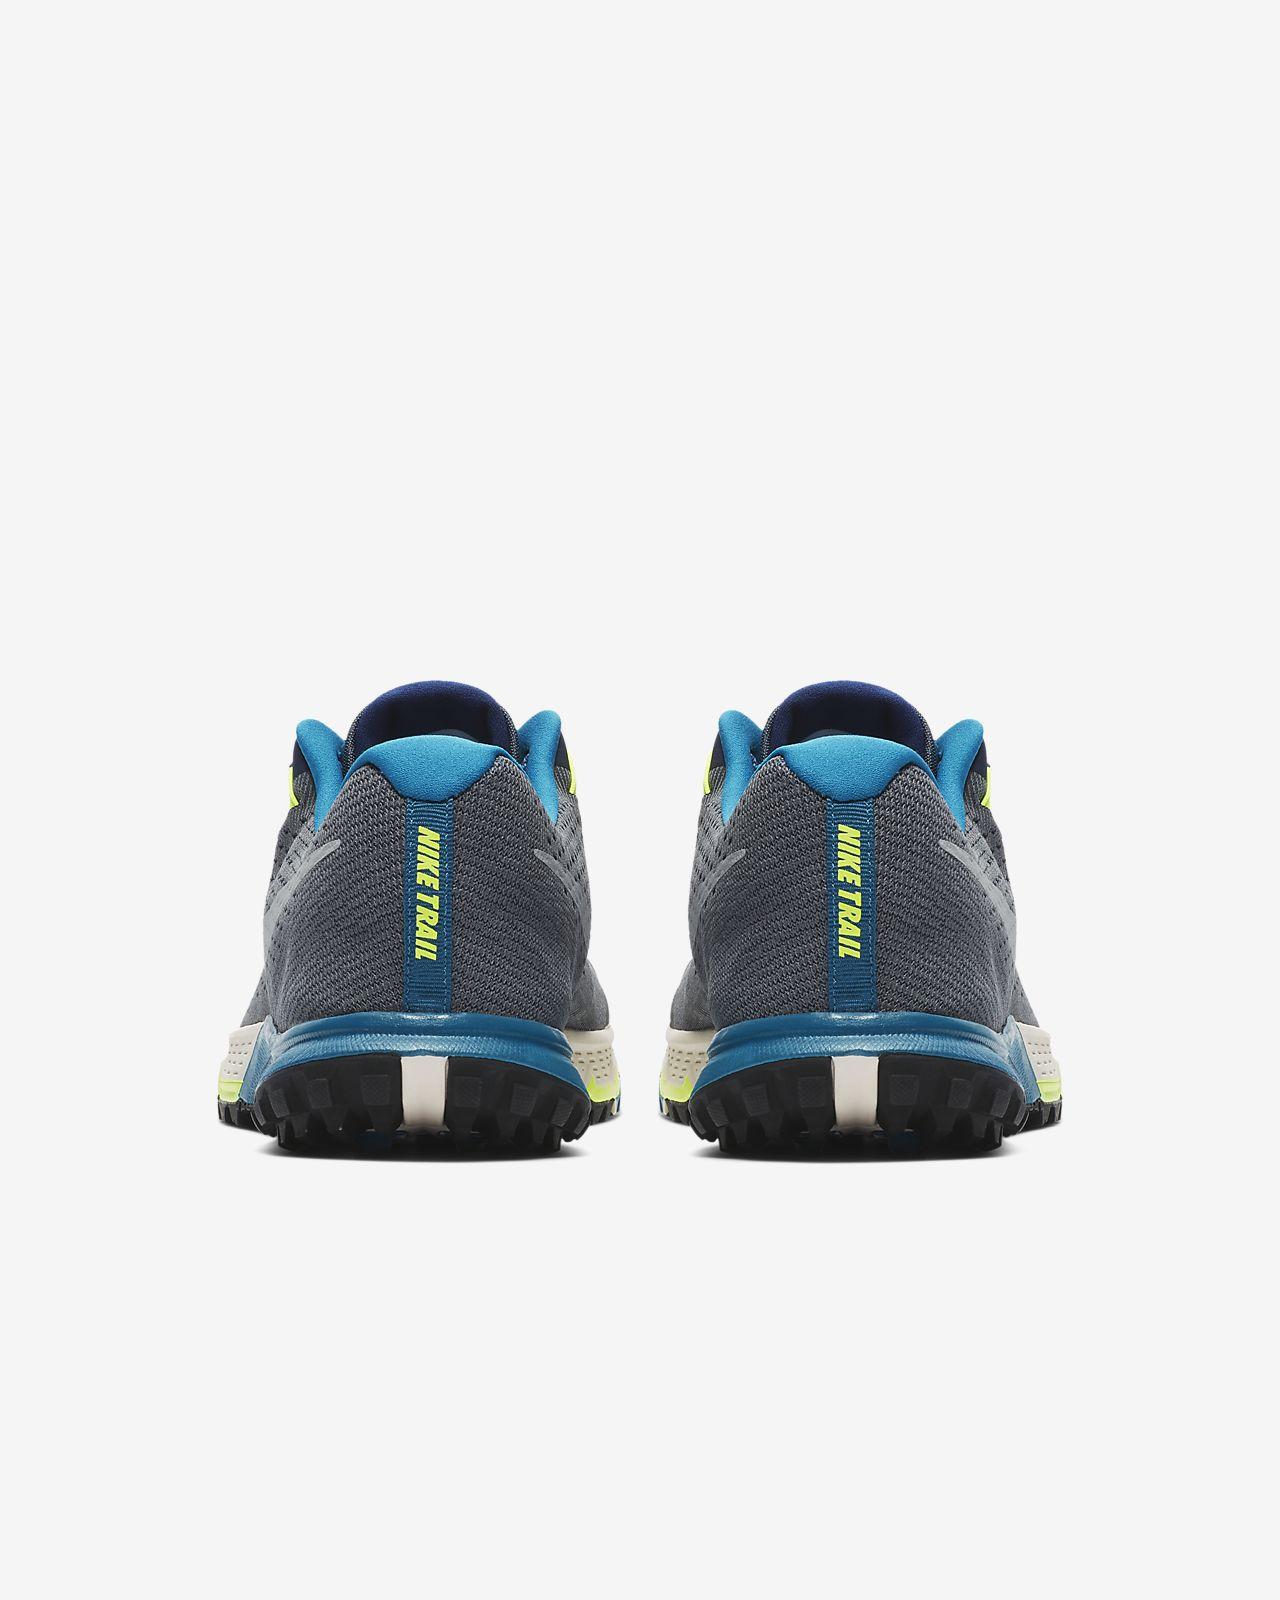 d452eec31fa18 Calzado de running para hombre Nike Air Zoom Terra Kiger 4. Nike.com CL